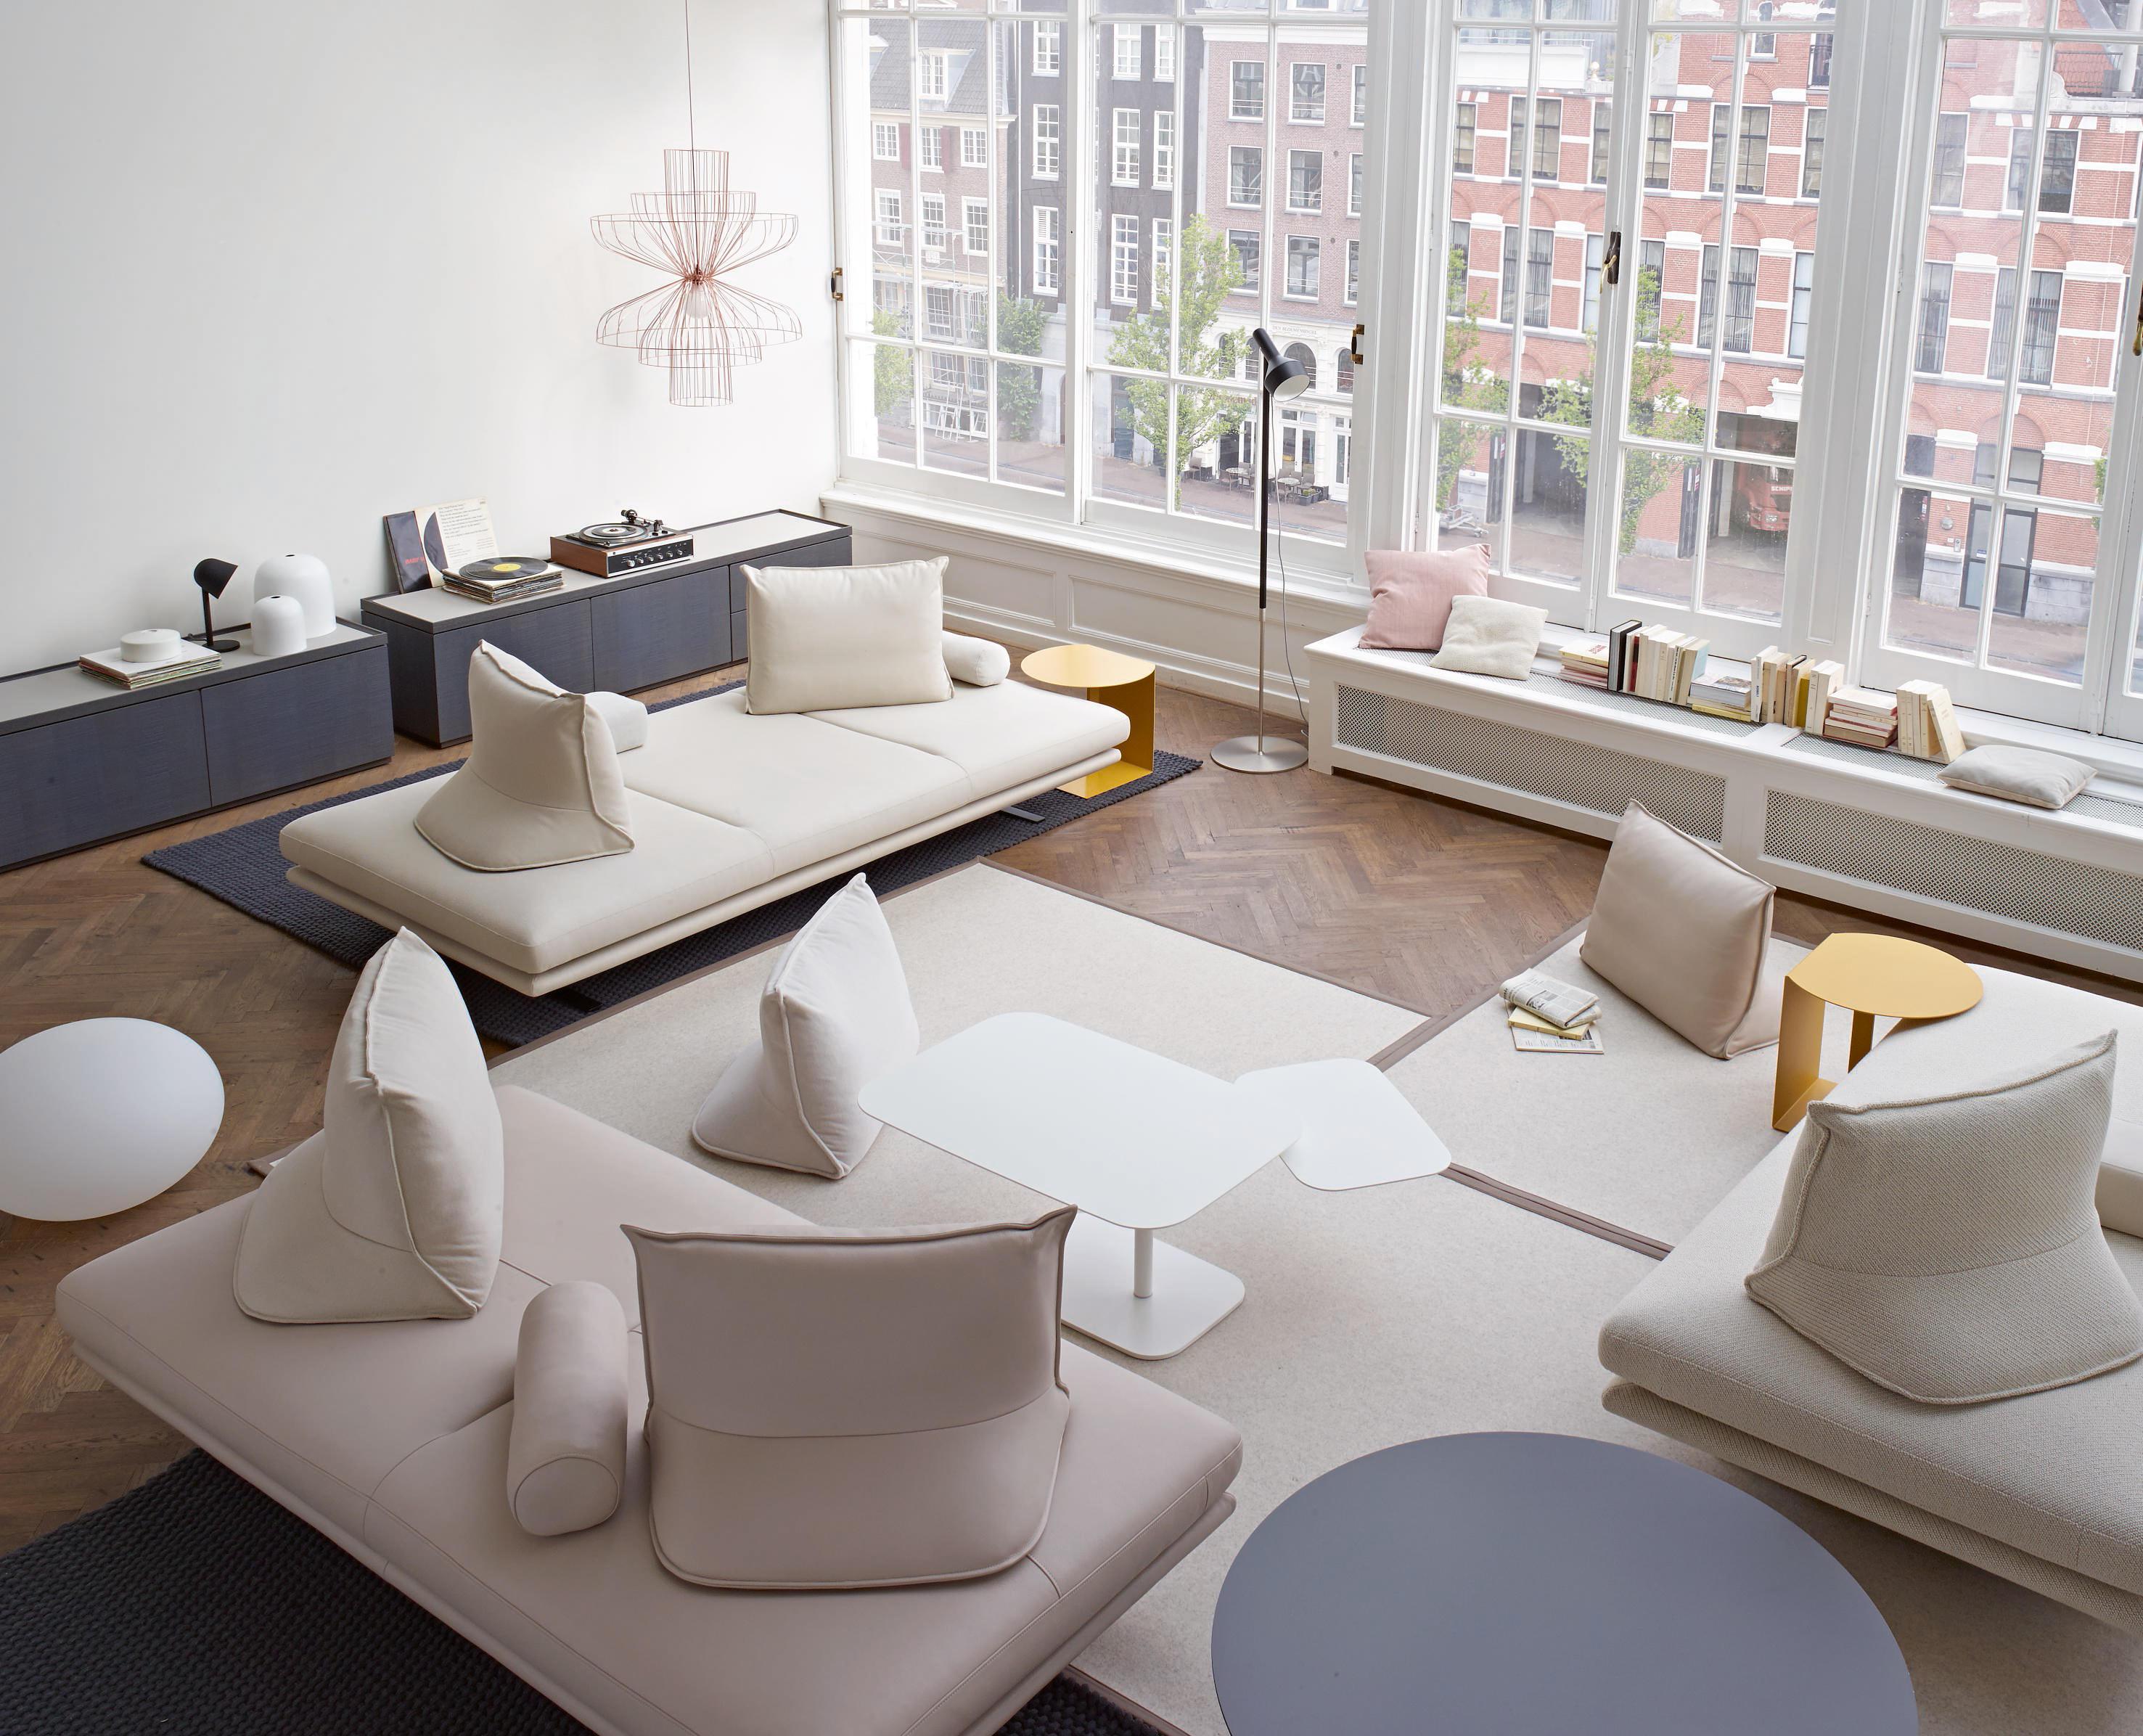 Prado 3 Sitzer Tiefe 120 Komplettes Element Sofas Von Ligne